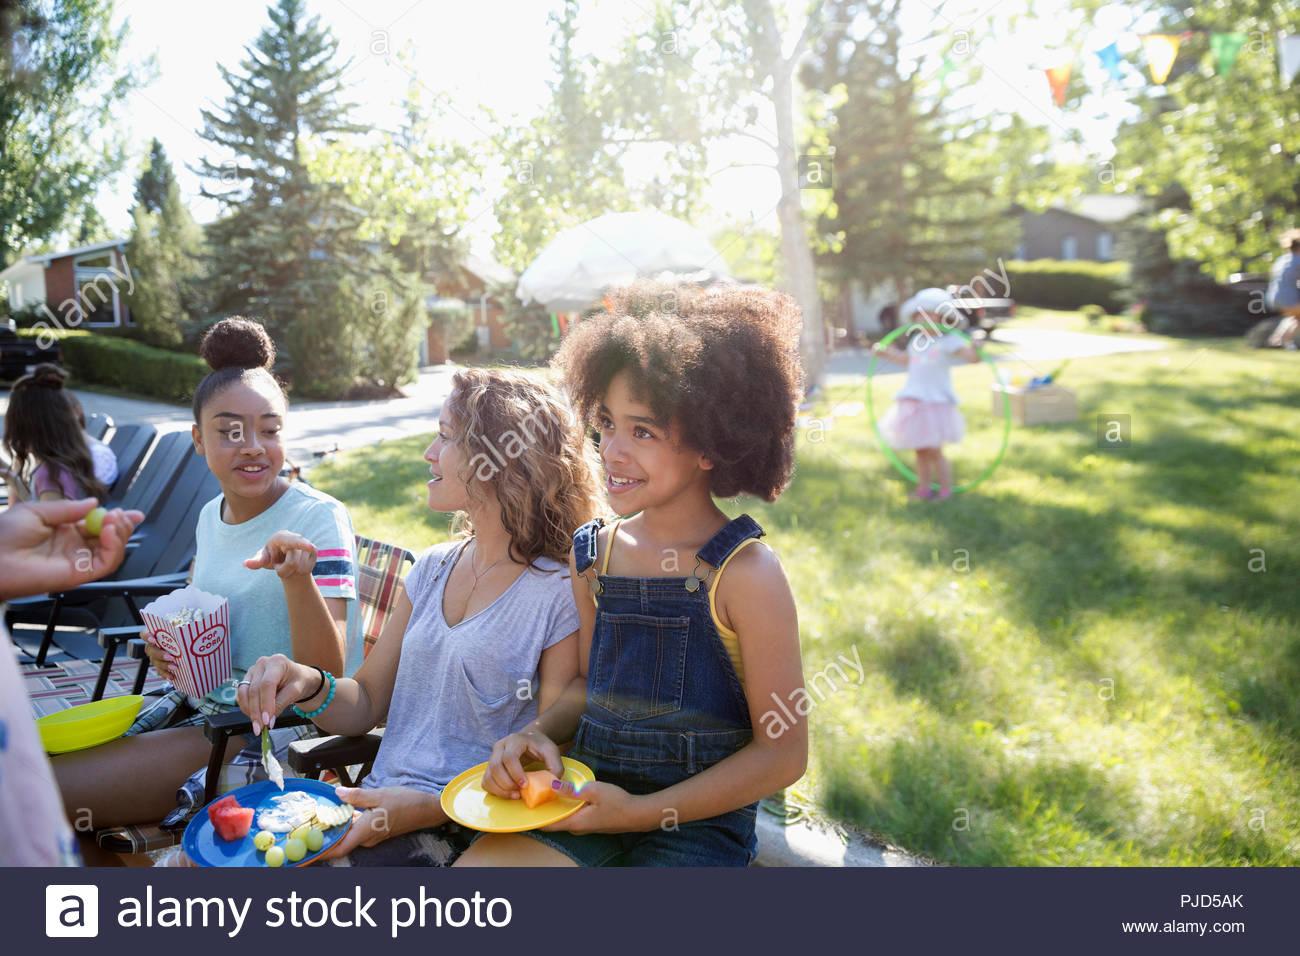 Voisins musicaux de manger au quartier d'été à sunny park block party Photo Stock